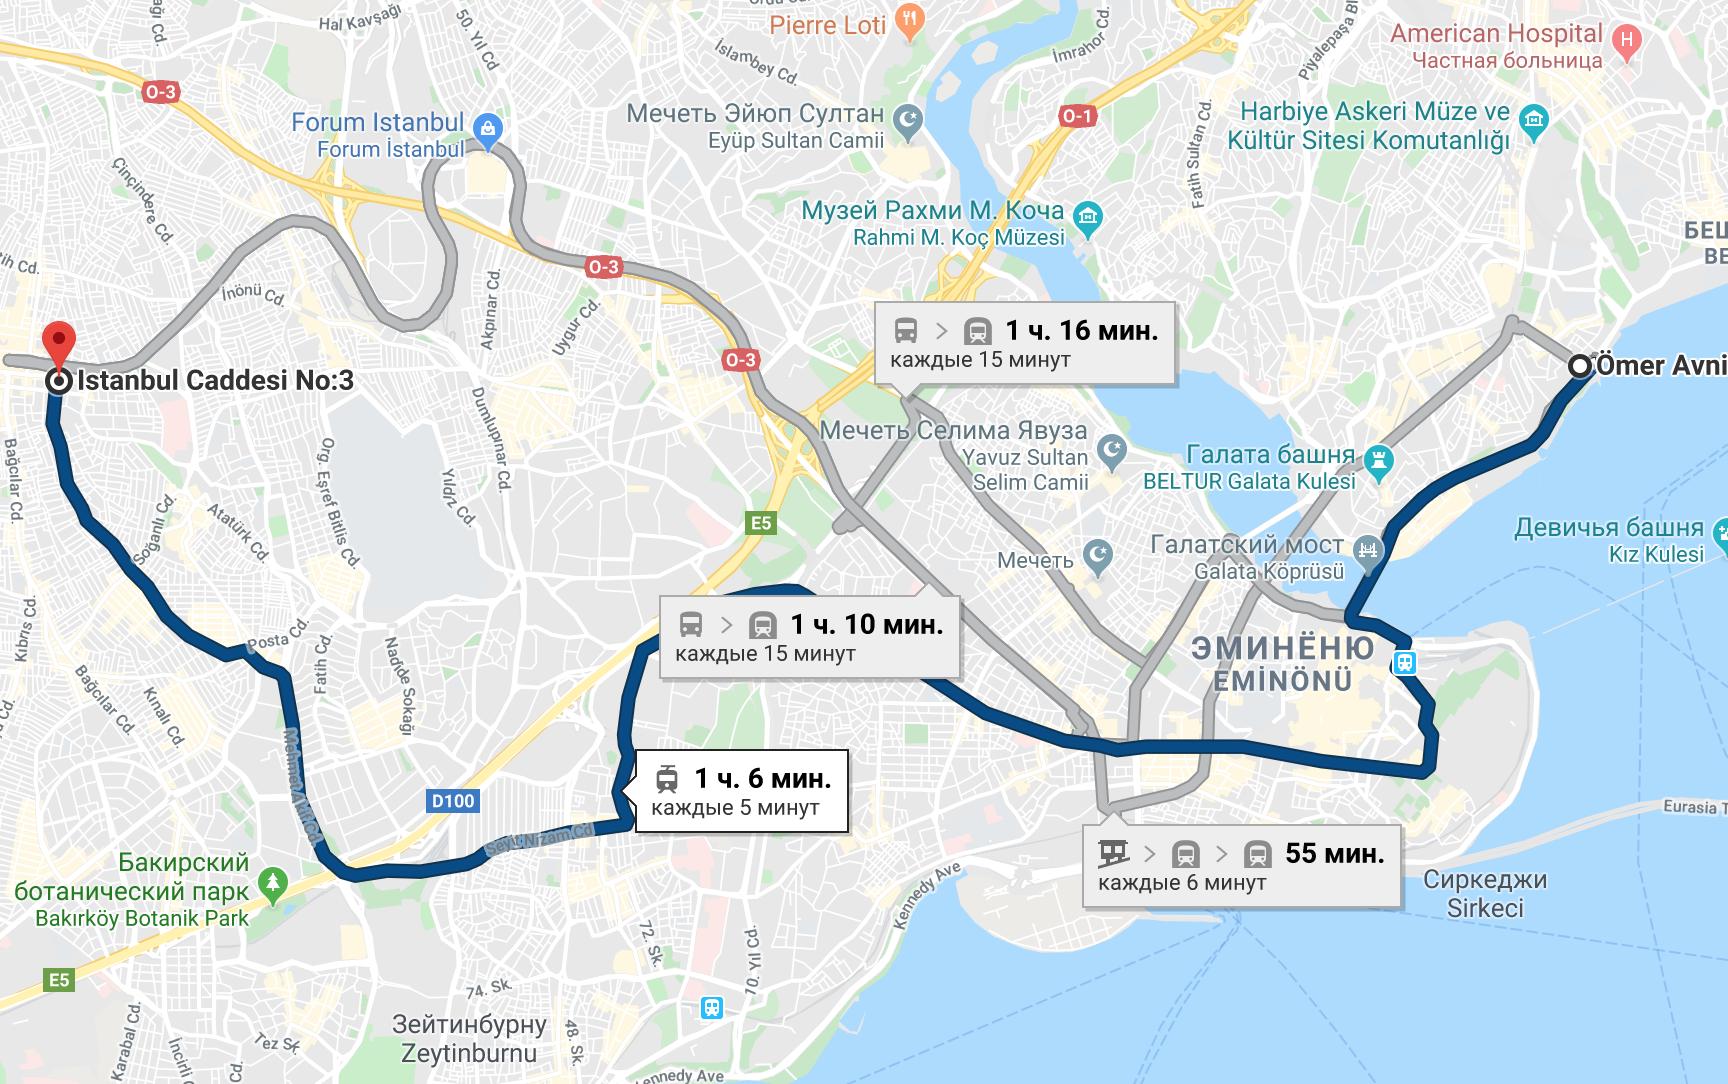 Маршрут трамвая T1 в Стамбуле